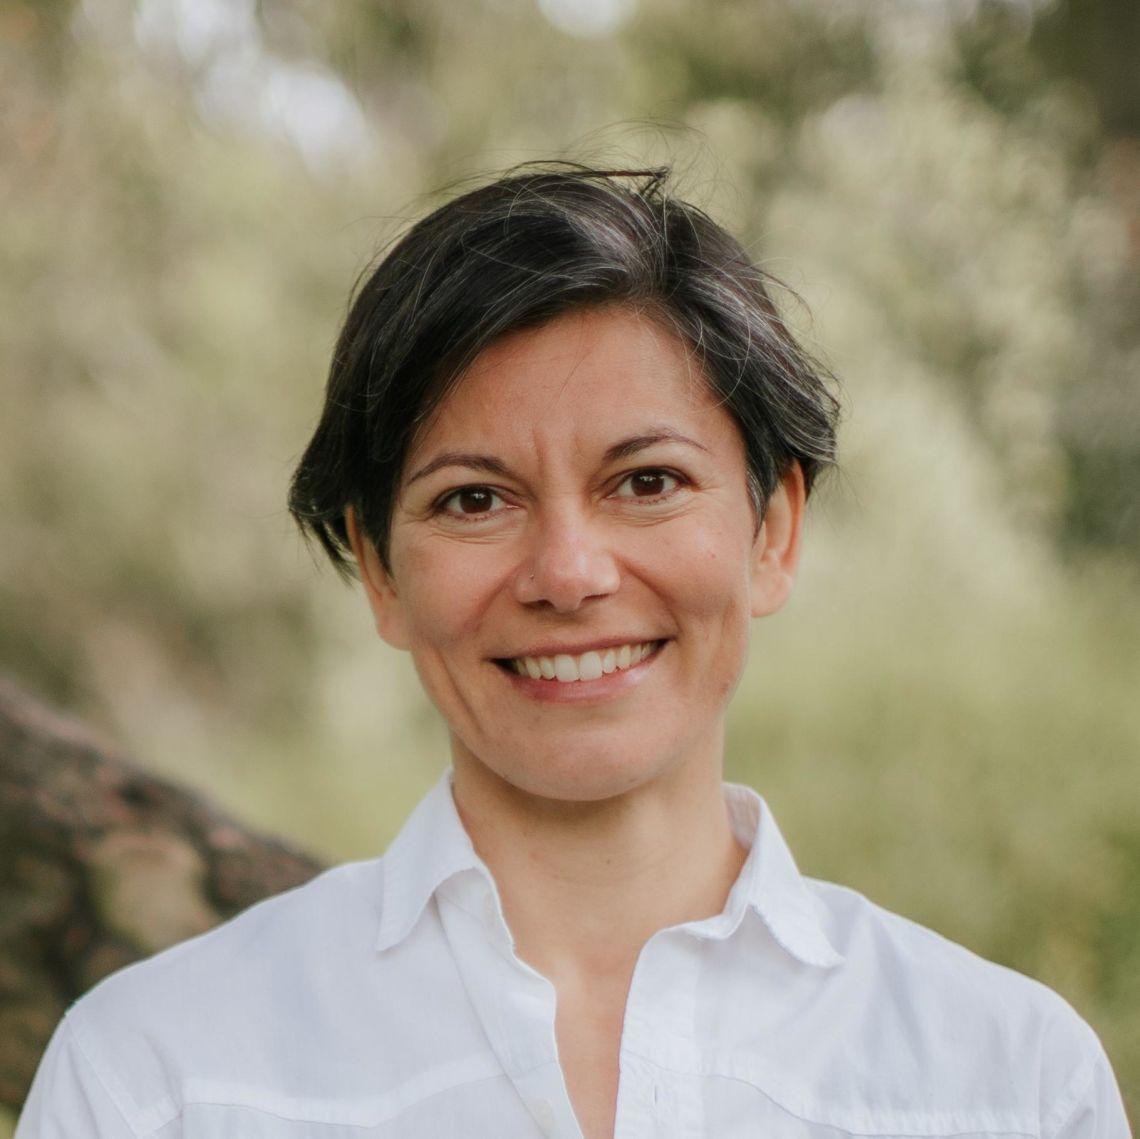 Dr Angeliki Kerasidou